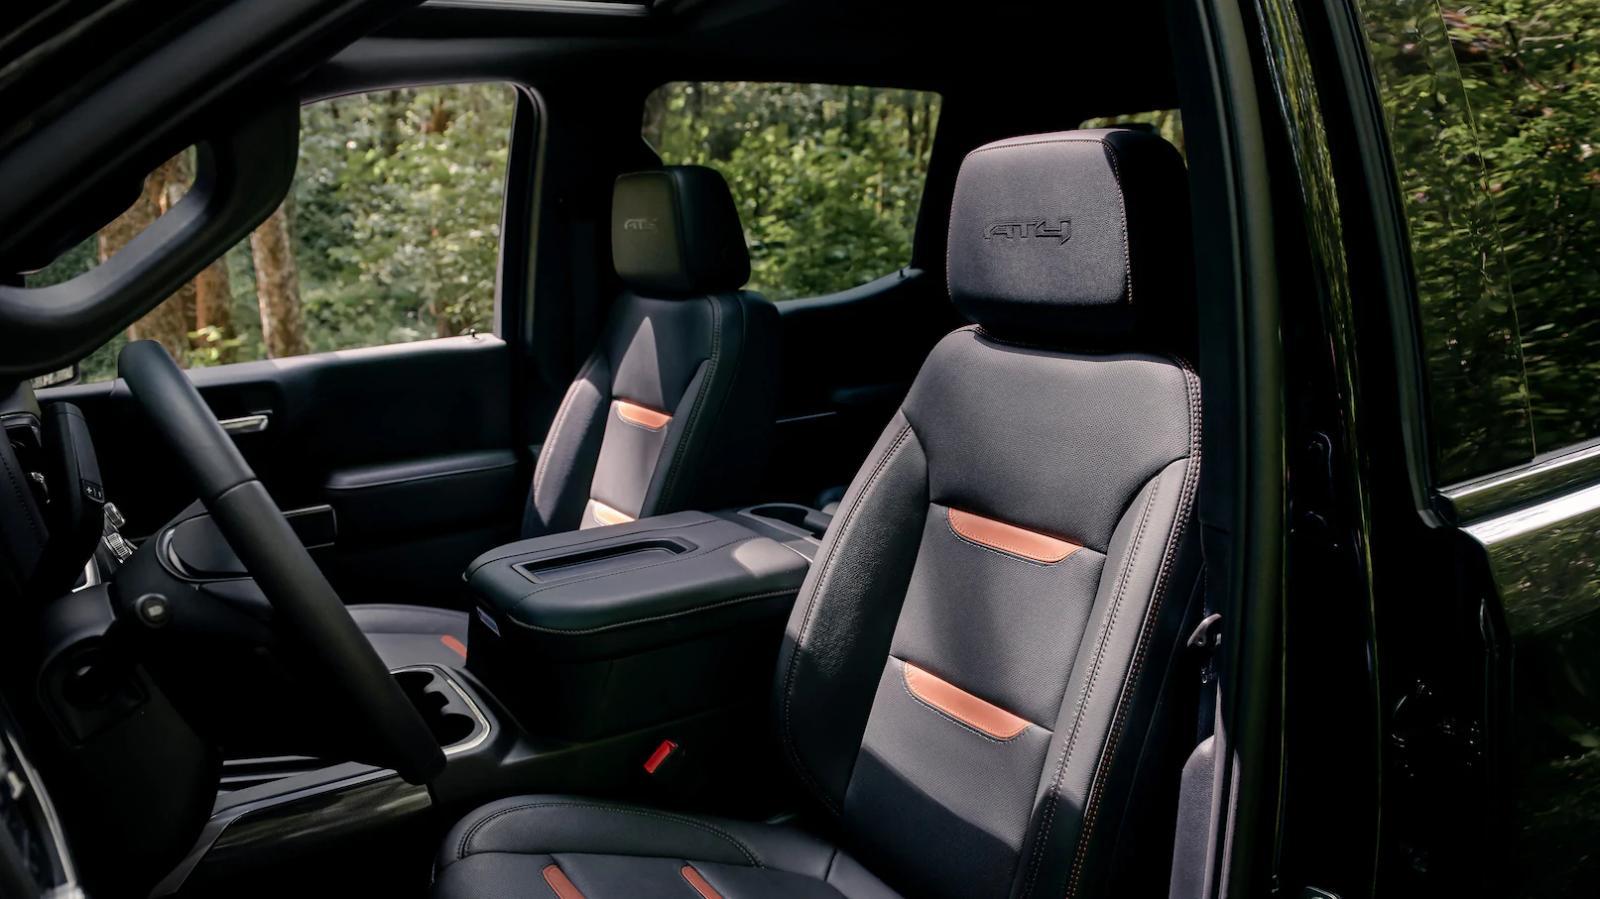 La GMC Sierra AT4 2020 lleva asientos con tecnología calefactable